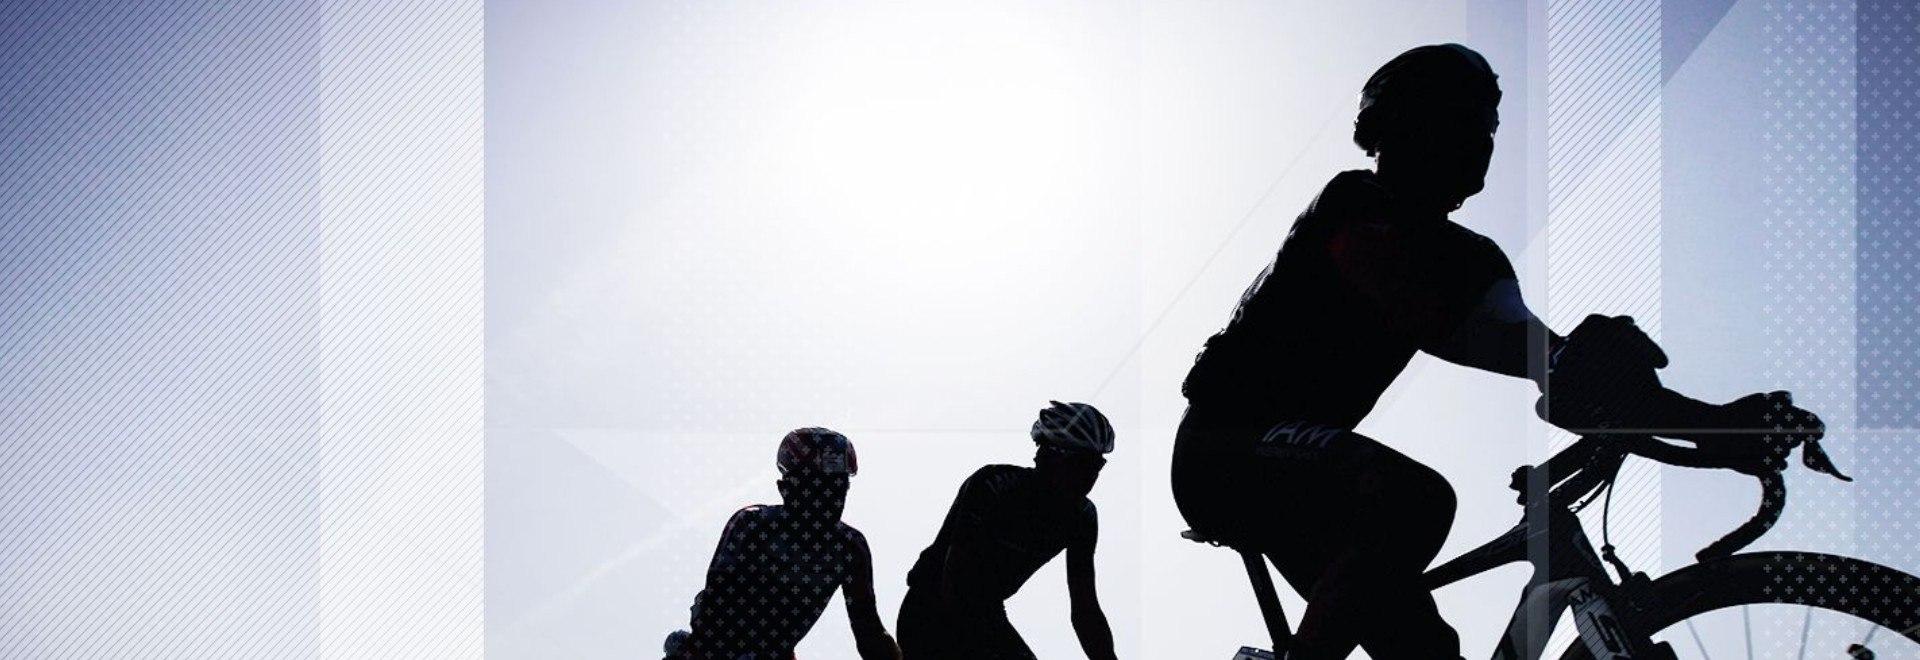 Giro d'Italia e Liegi - Bastogne - Liegi